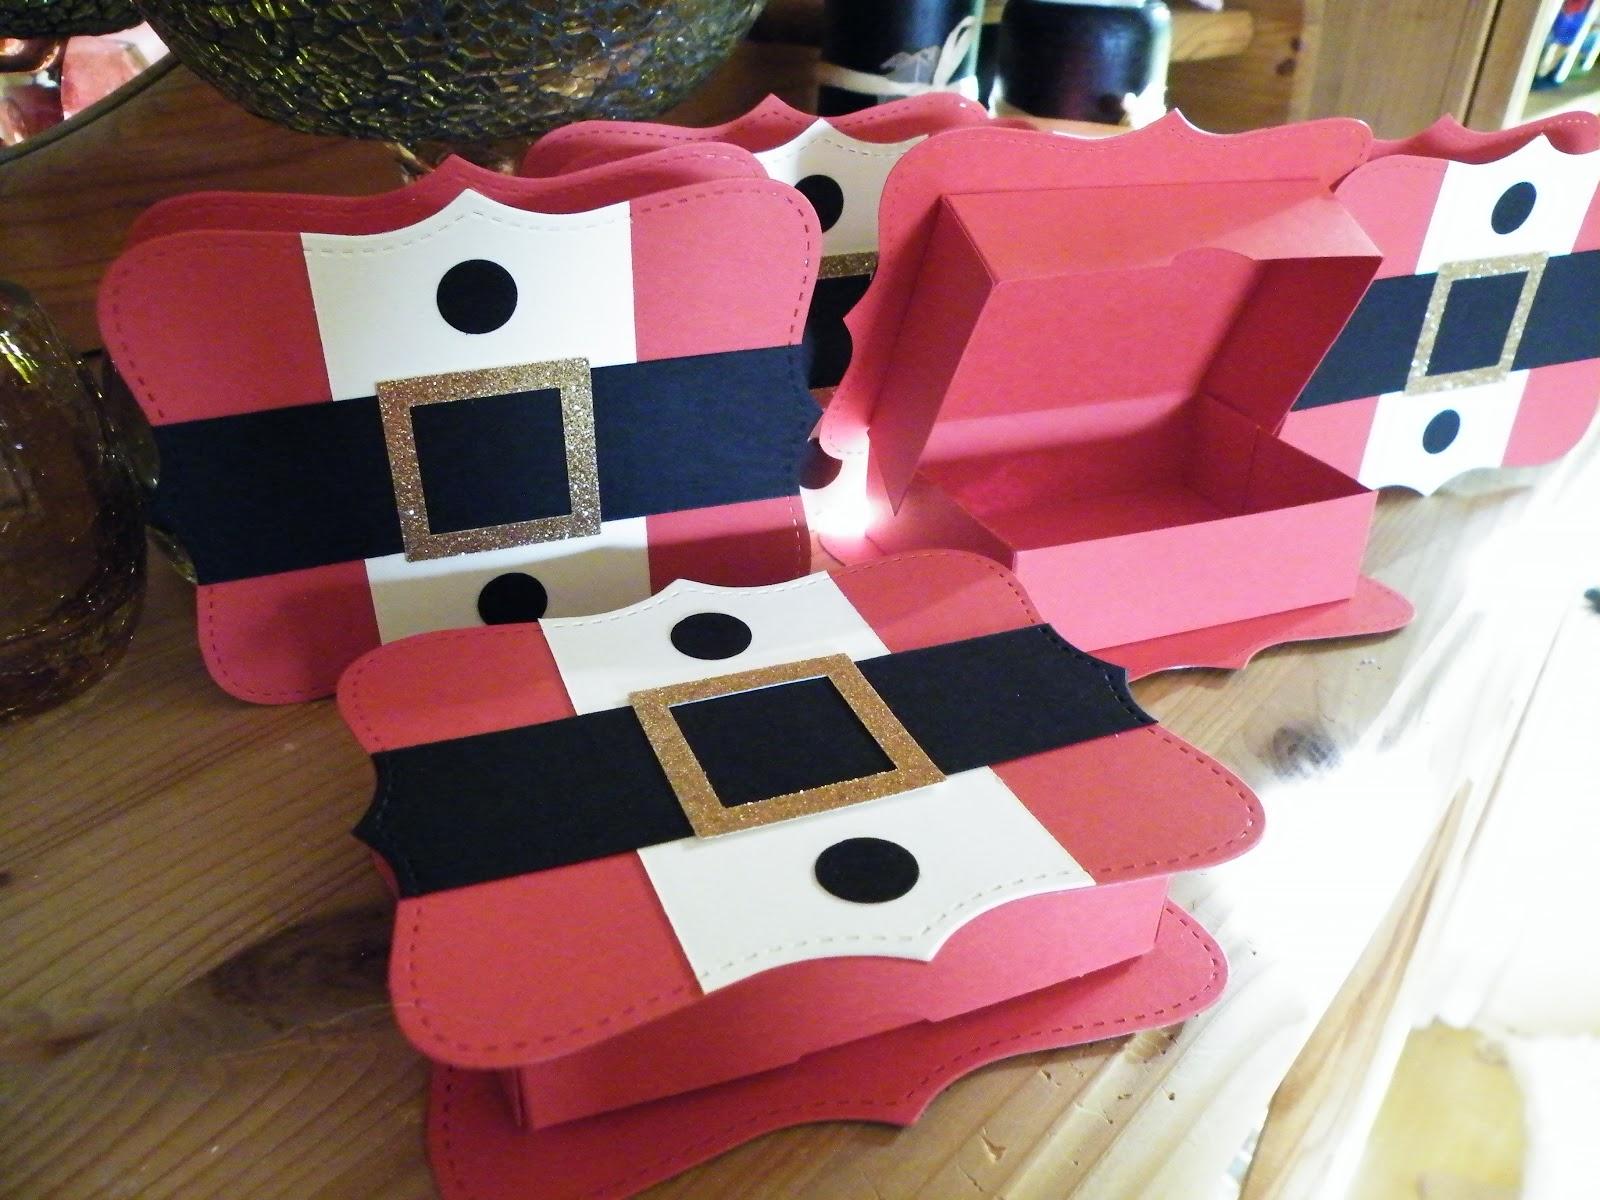 kathis bastelversuche oktober 2012. Black Bedroom Furniture Sets. Home Design Ideas